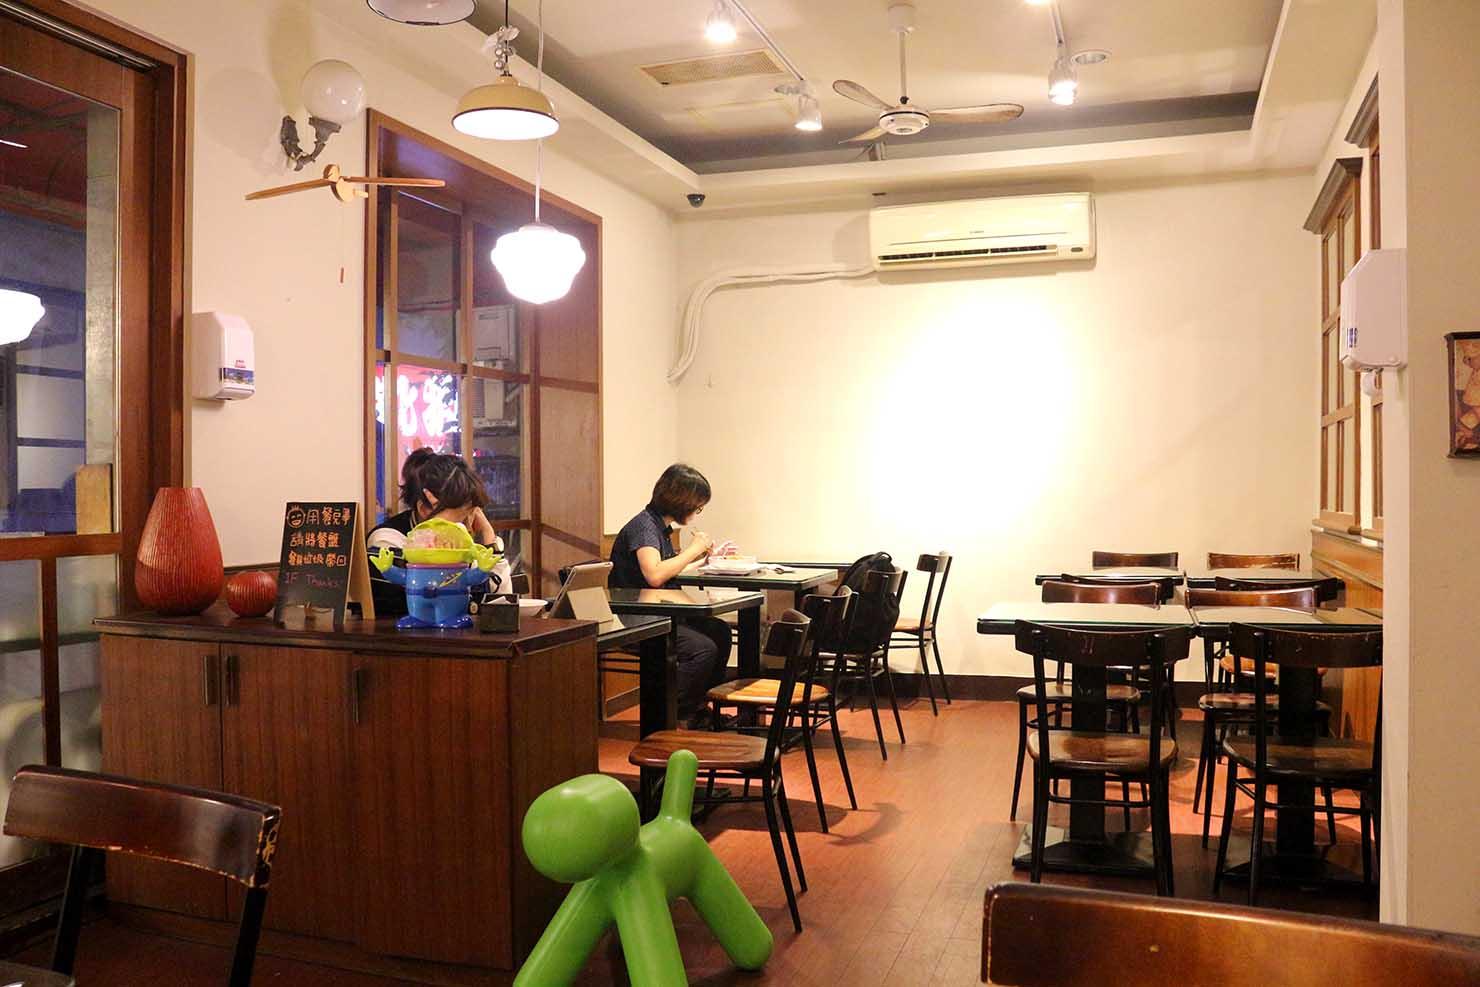 台北・永安市場のおすすめグルメ店「麻辣桑麻辣燙」の店内2階席